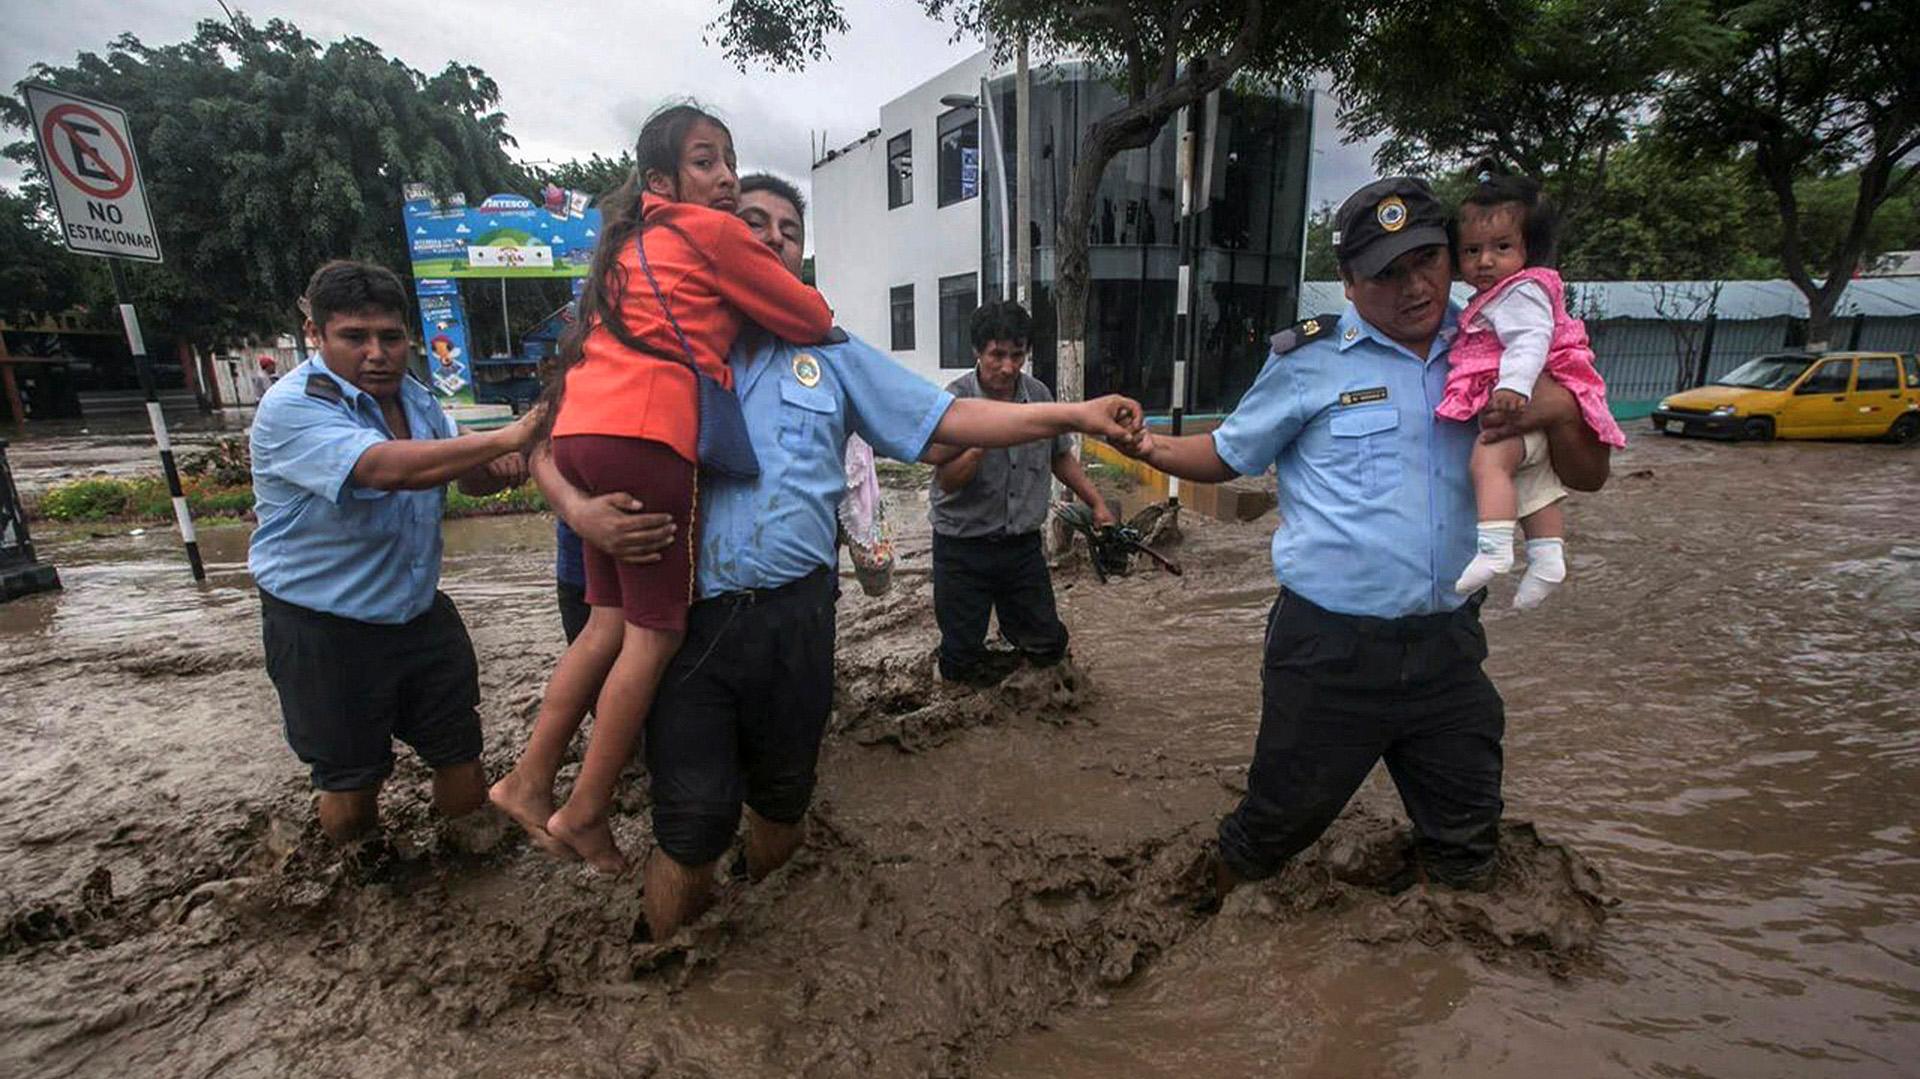 El Gobierno de Perú suspendió las clases en las escuelas de Lima Metropolitana, ordenó la restricción del servicio de agua potable hasta el jueves y dio dos horas de tolerancia para los trabajadores que puedan ser afectados por los desbordes causados por el incremento del caudal del río Rímac (Reuters)